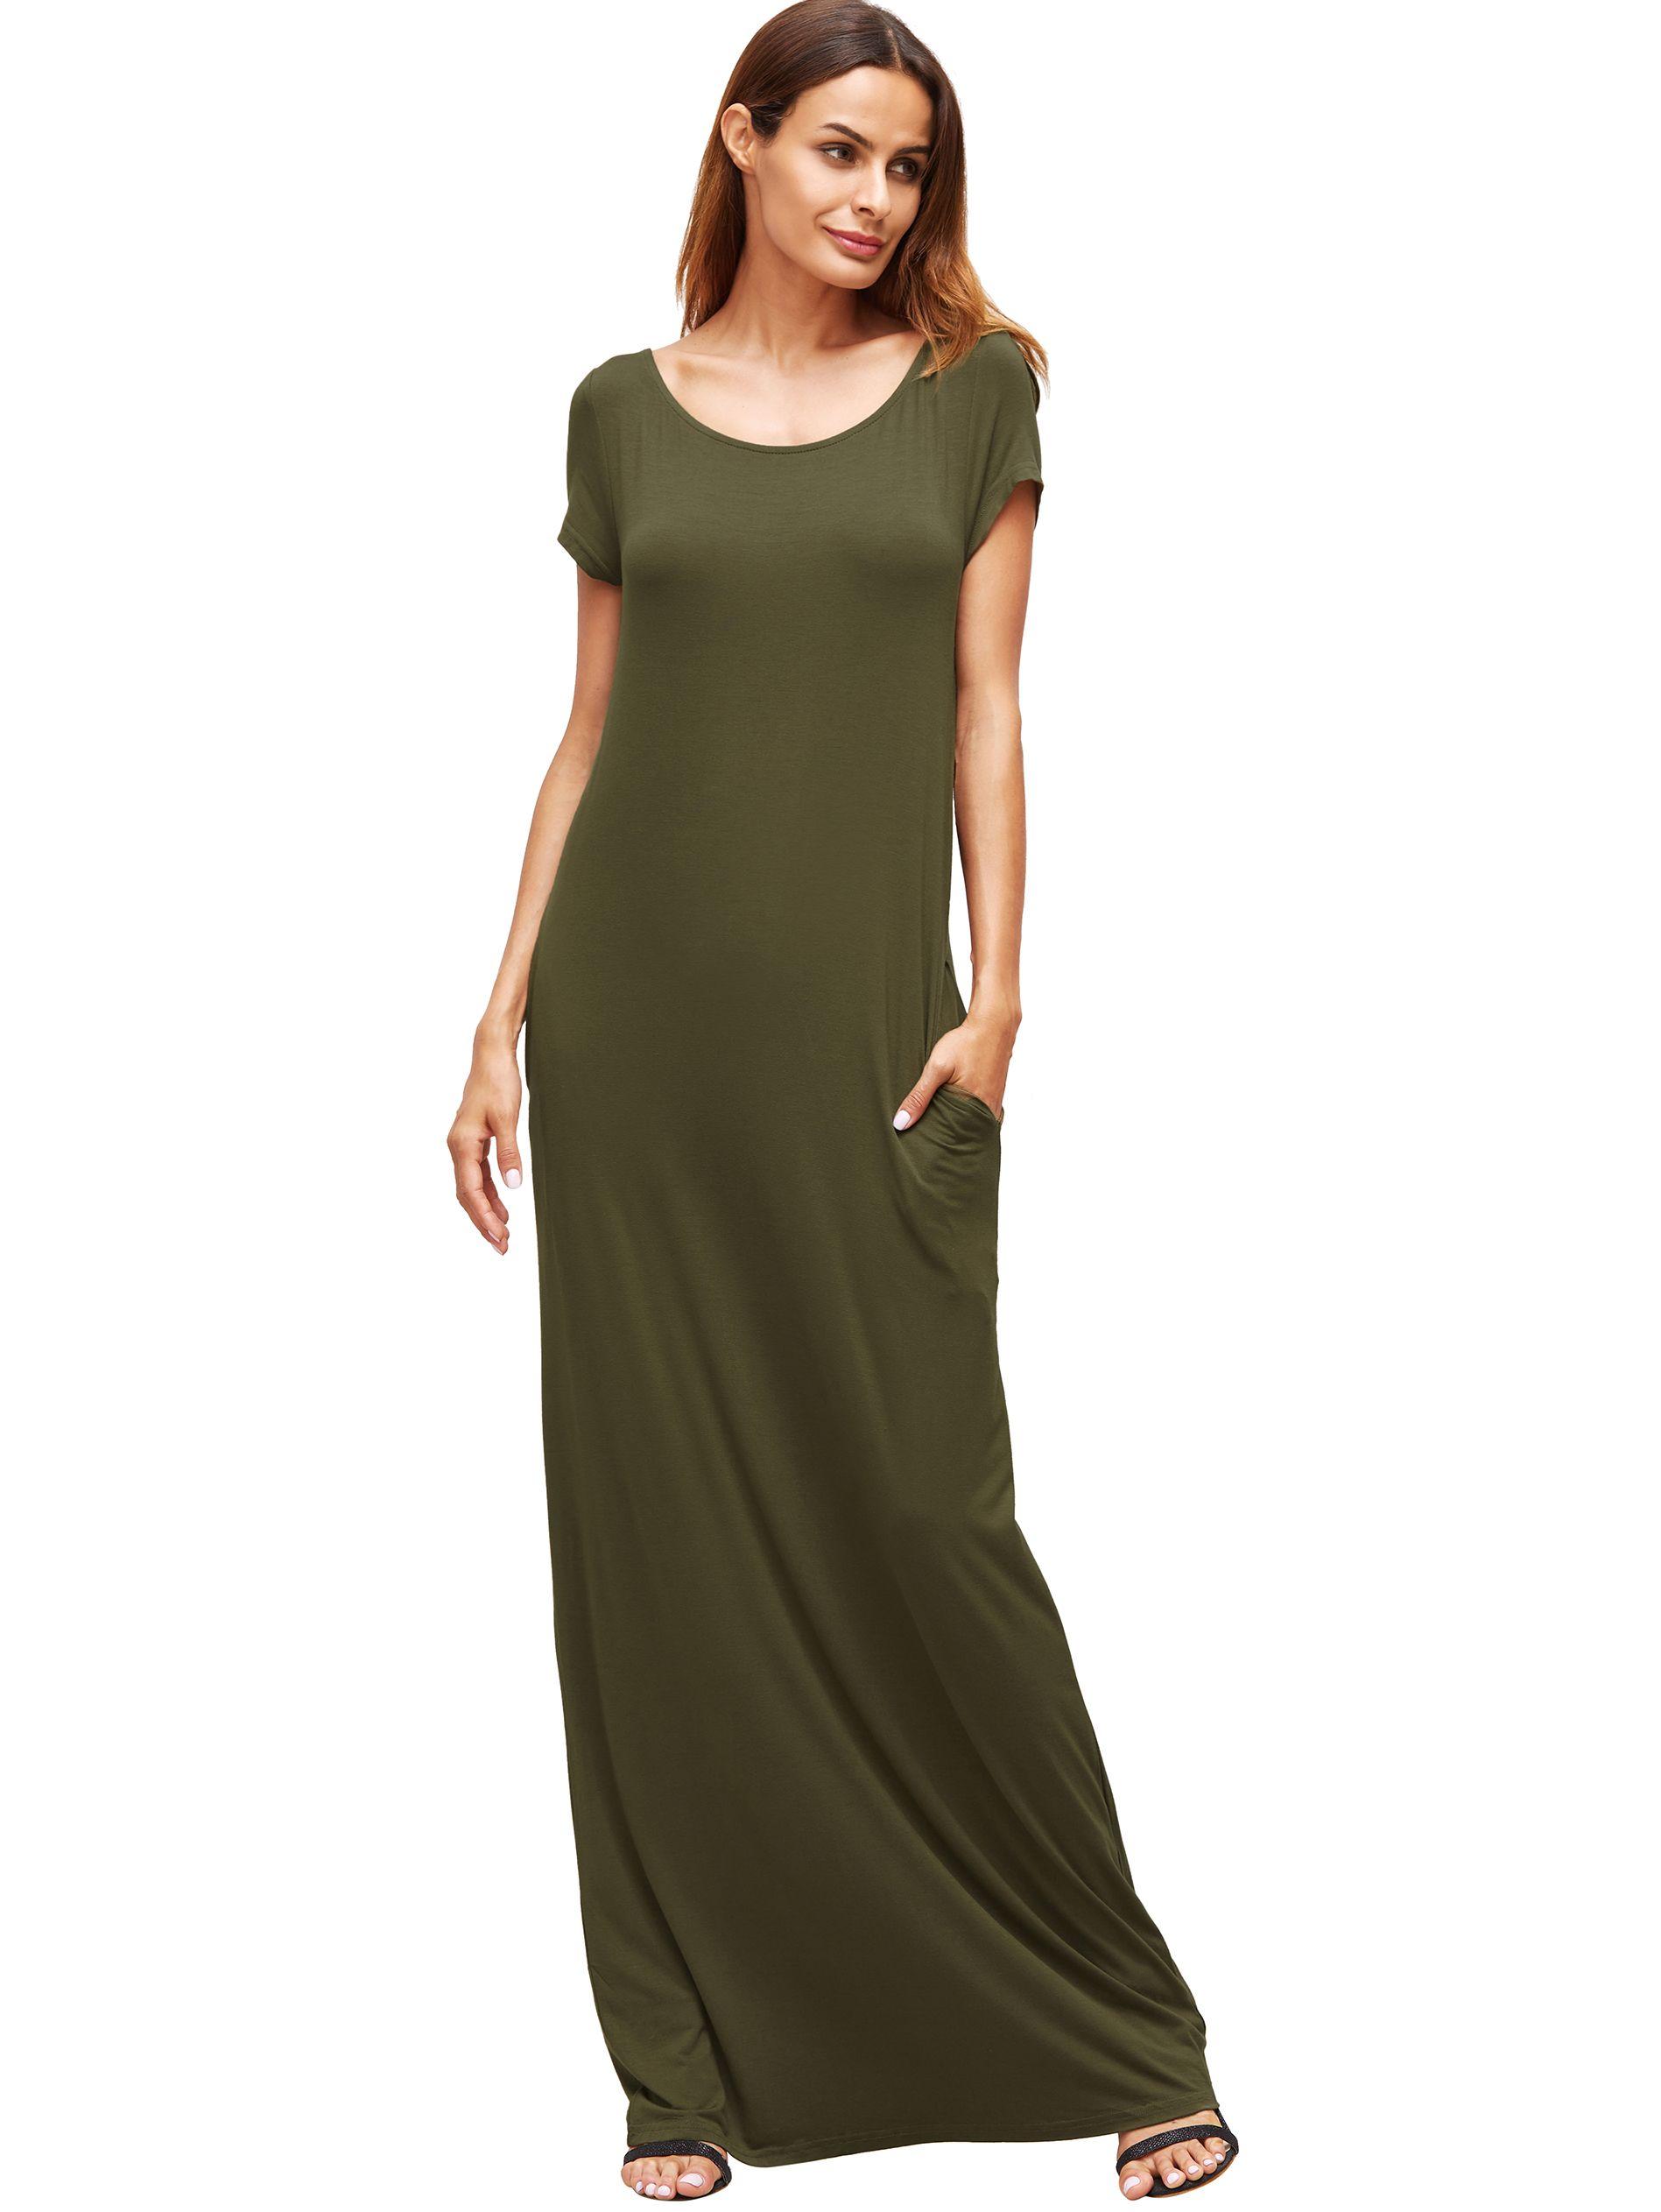 Army Green Pocket Short Sleeve Maxi Dress Moda [ 2526 x 1897 Pixel ]